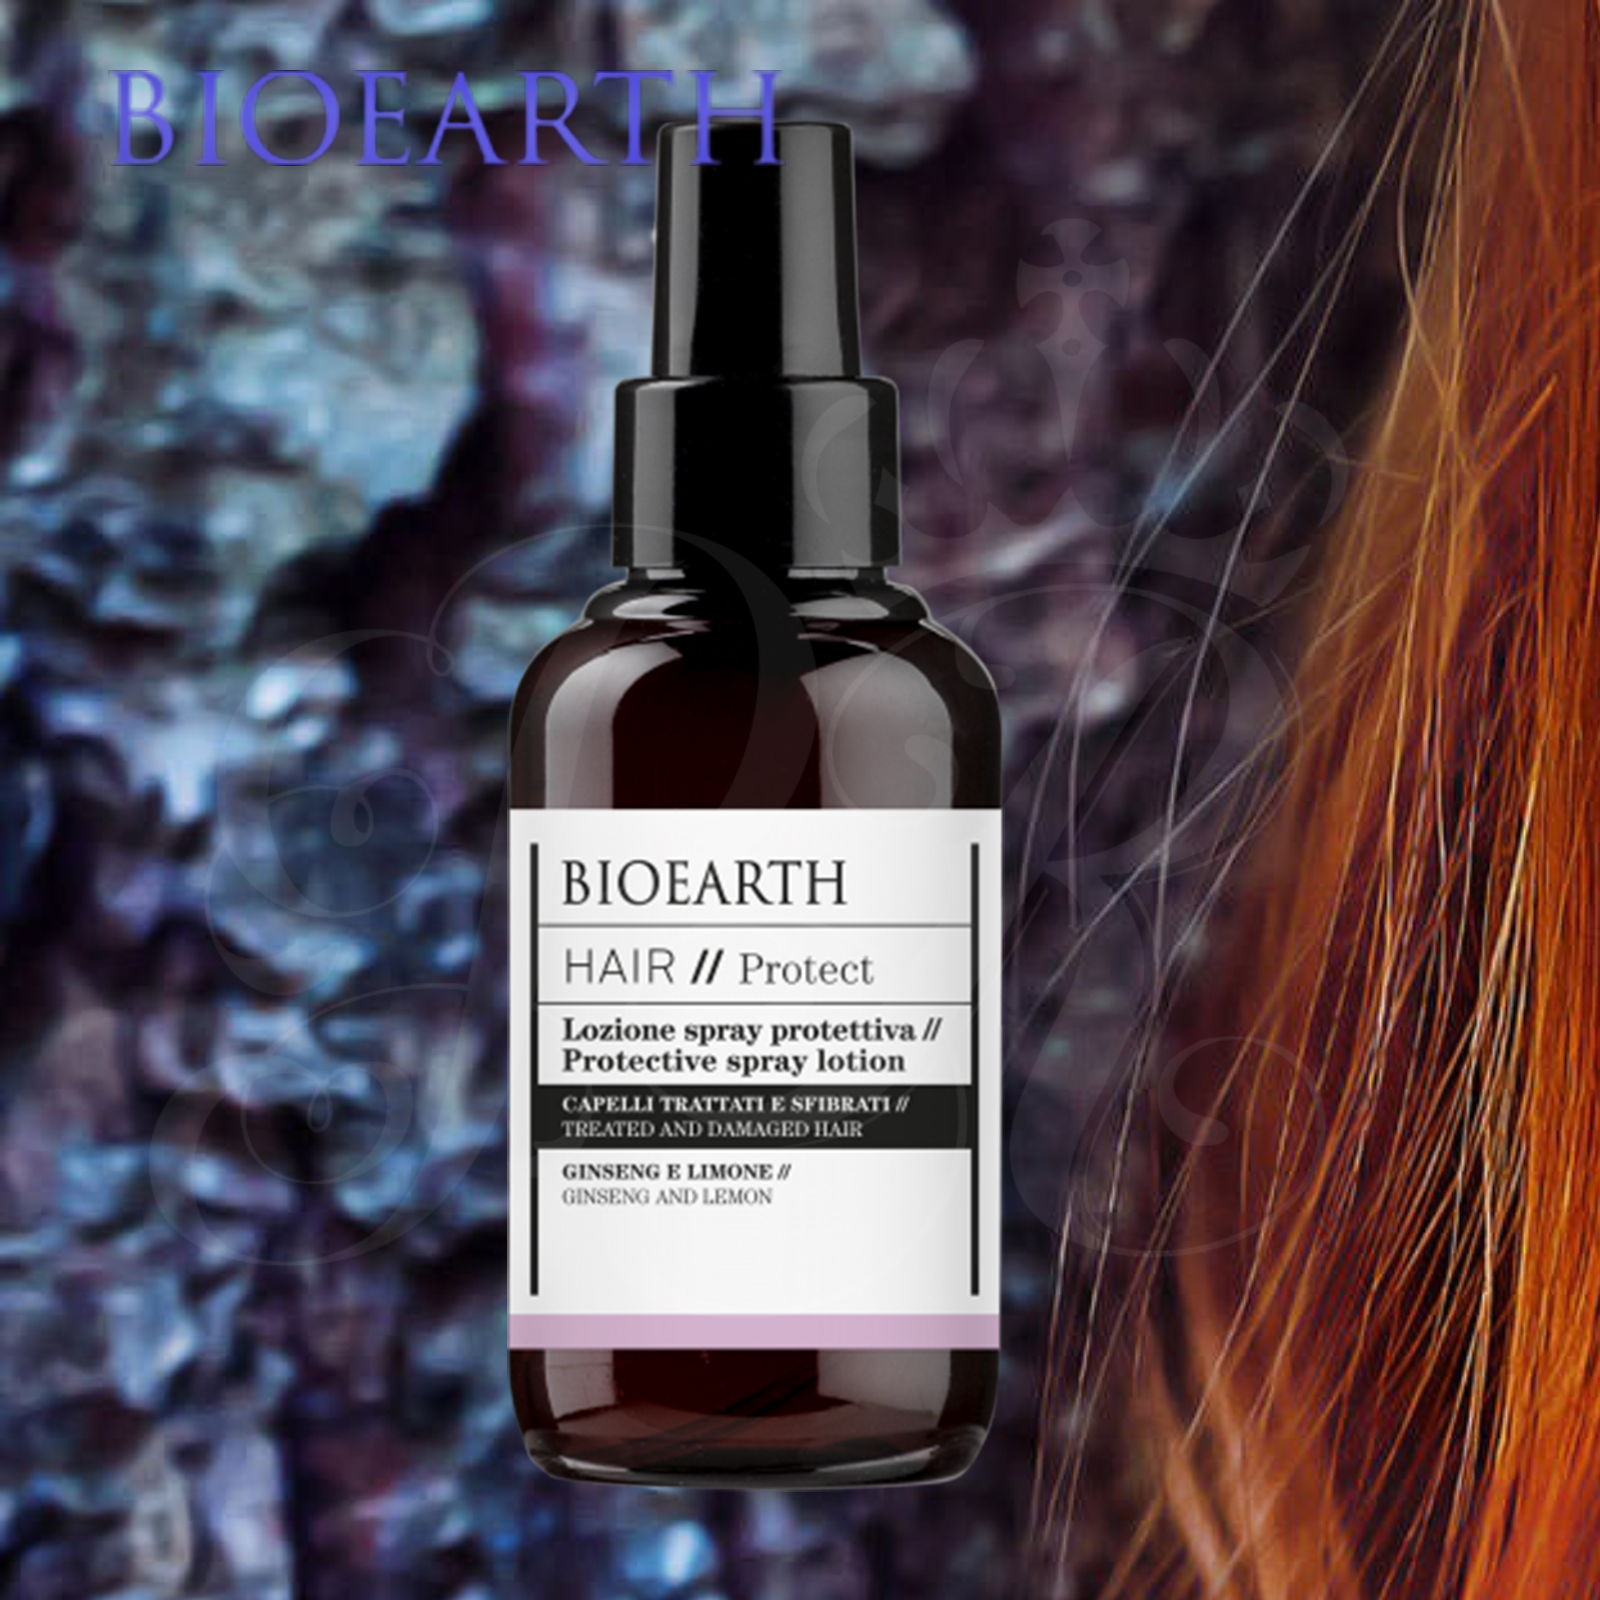 Bioearth Hair 2.0 Lozione Spray Protettiva